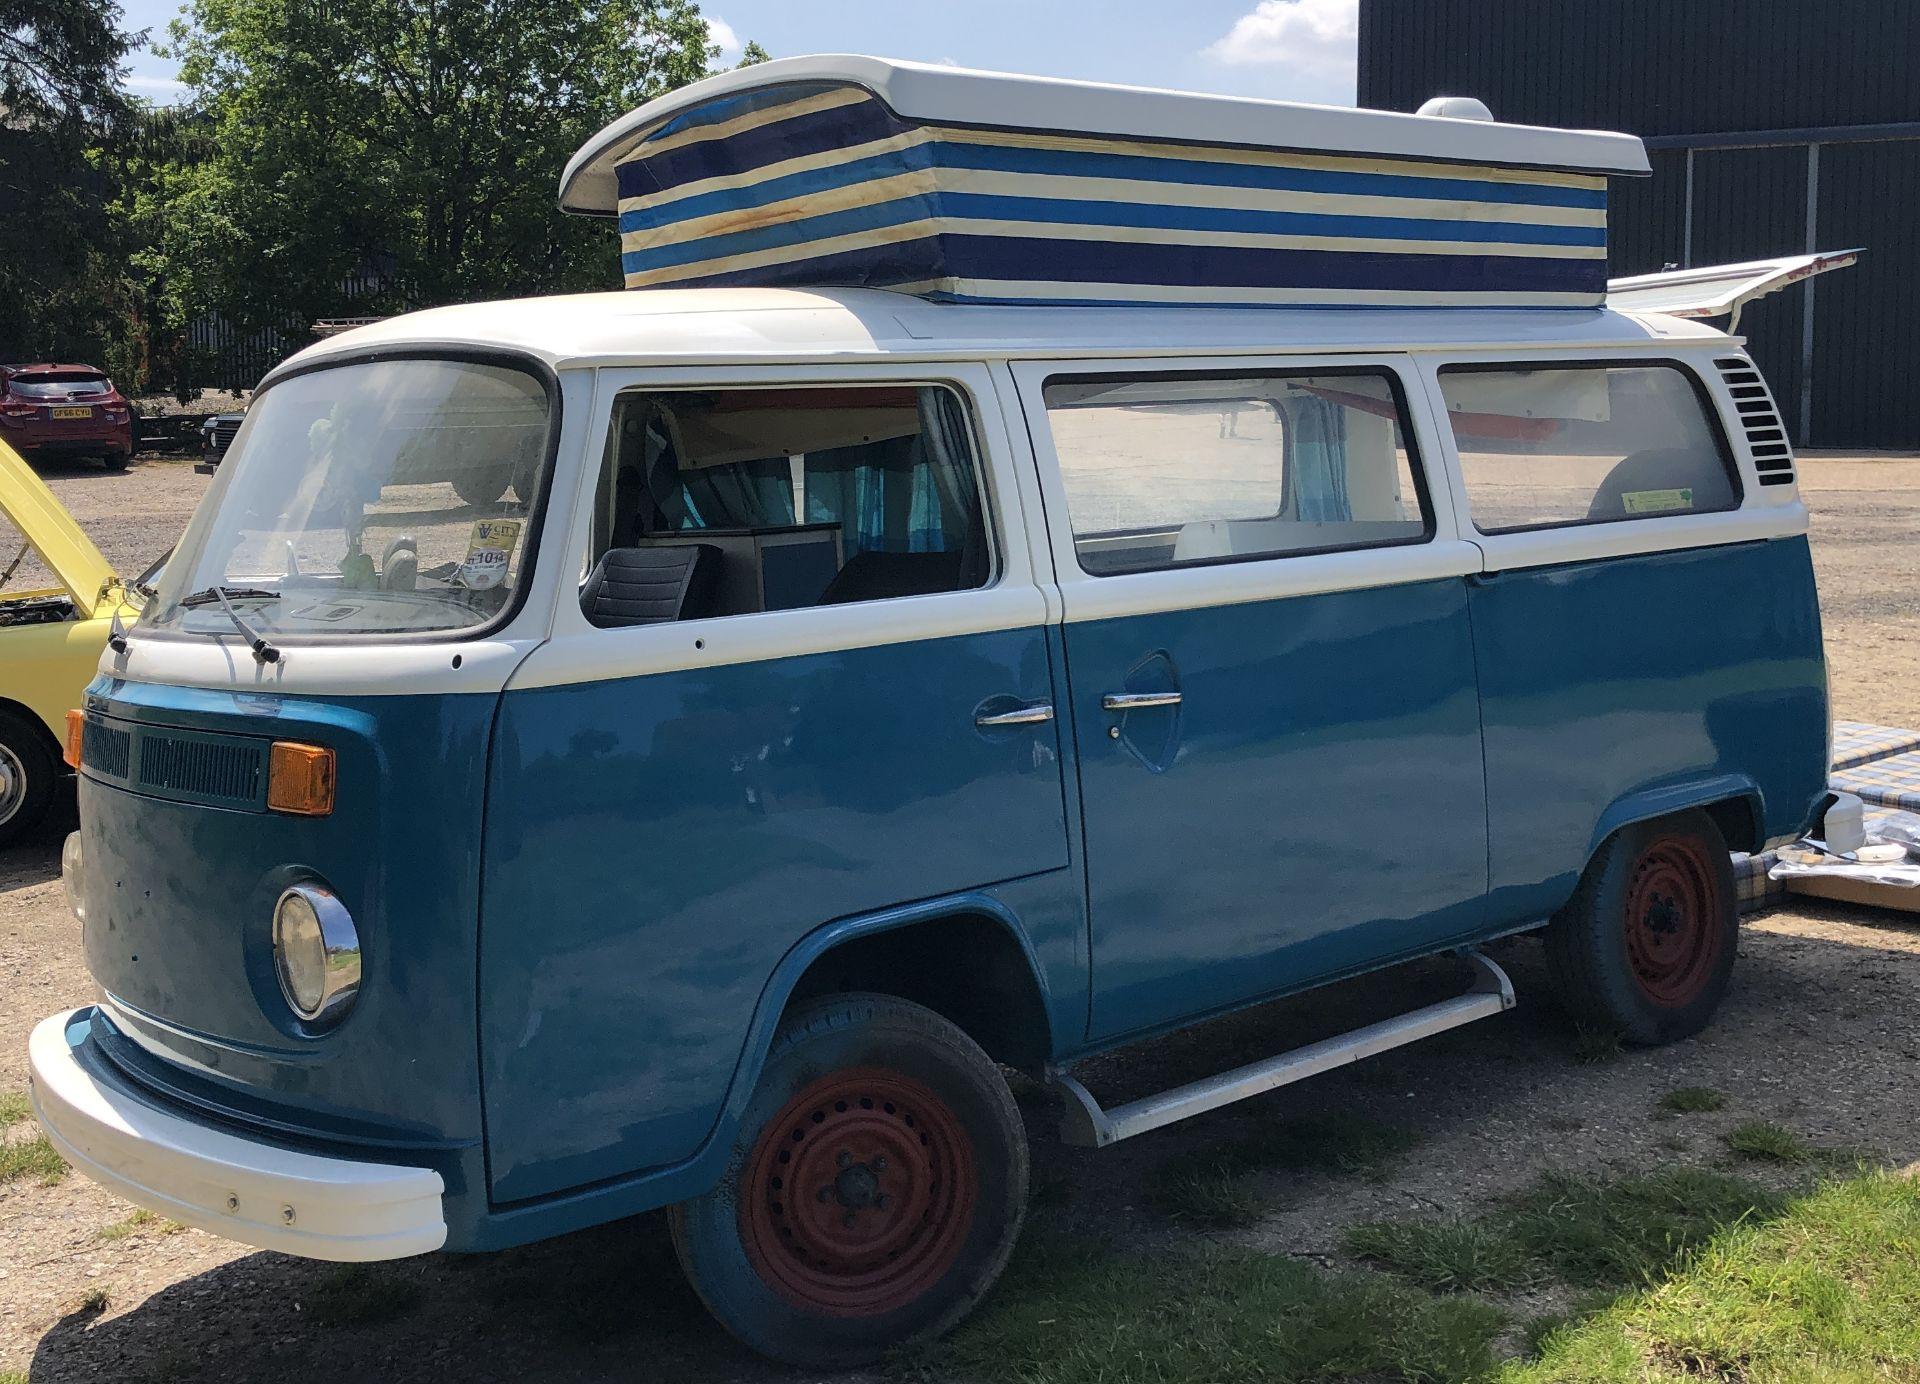 VW Microbus 8 Seater Caravanette Devon - 'Mr Blue' Petrol, Registration UMH 420S, First Registered - Image 14 of 47